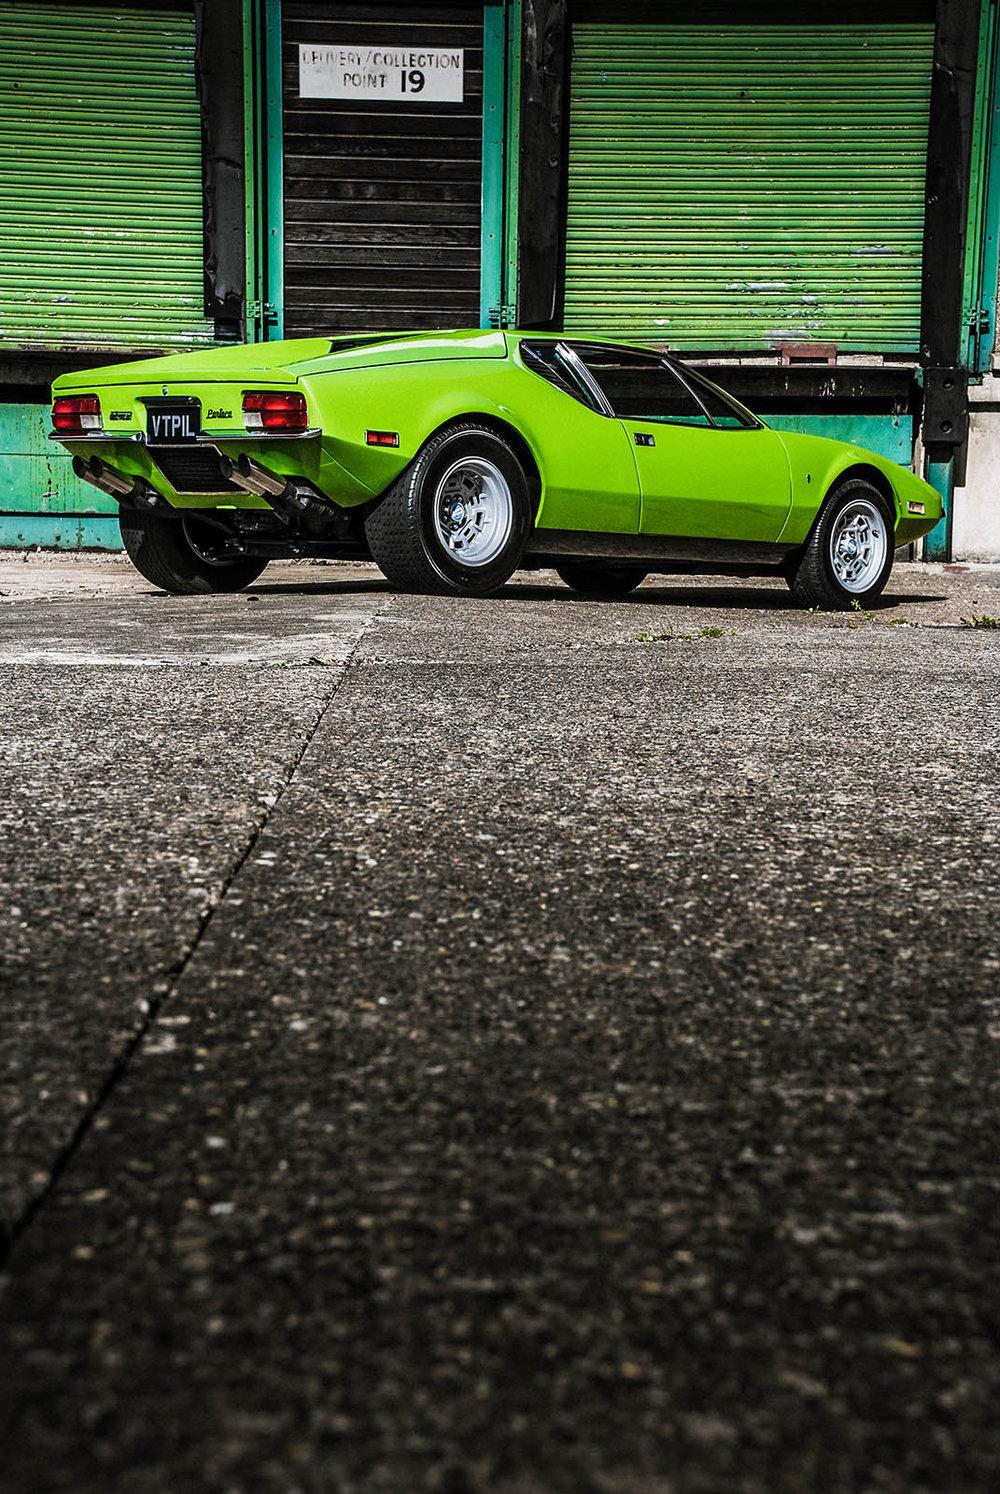 Green De Tomaso Pantera 4 web.jpg